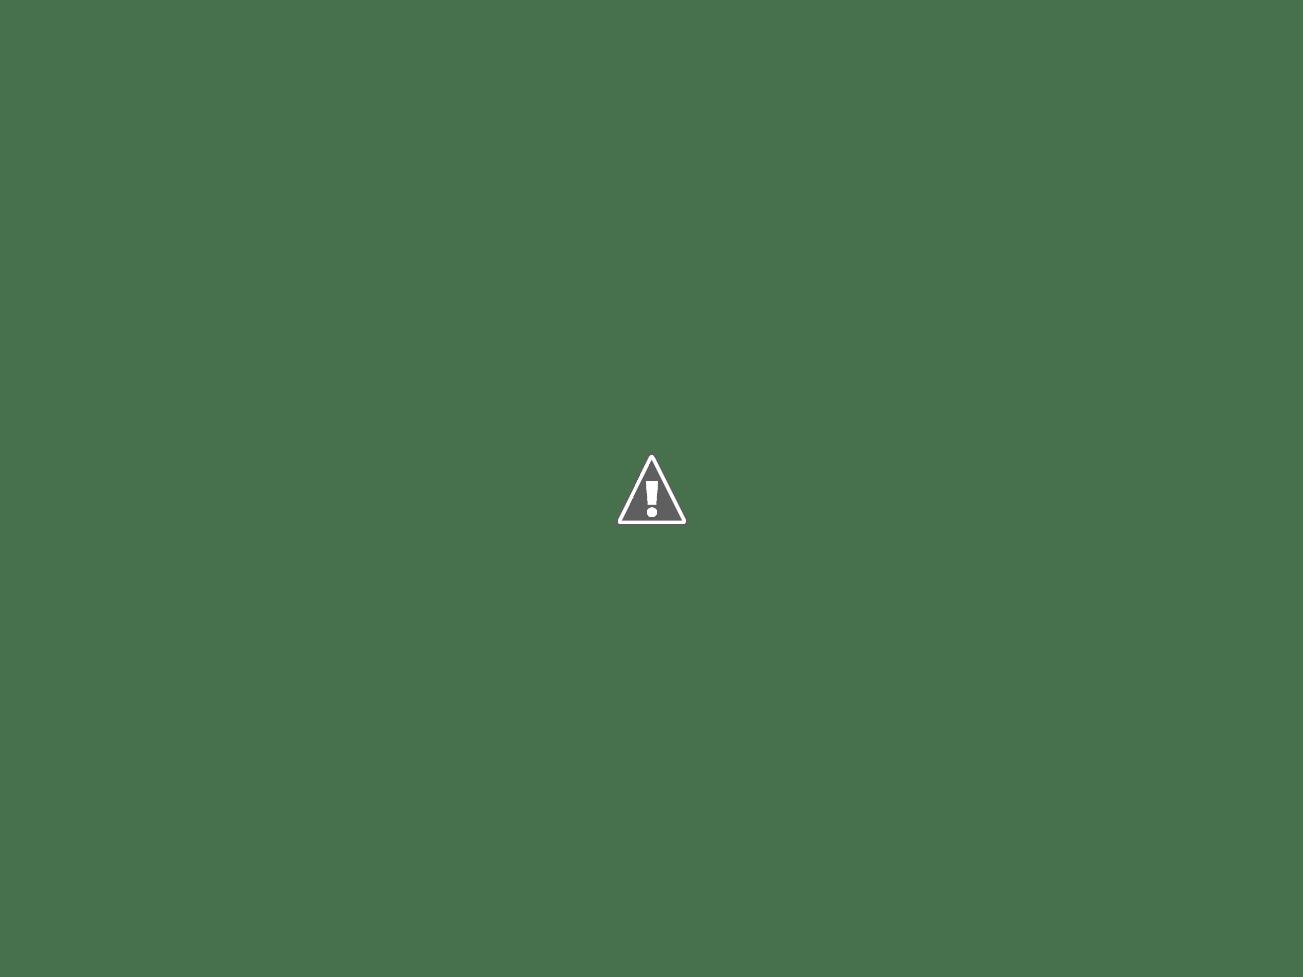 Công viên Gia Định nhìn từ cầu vượt Hoàng Minh Giám